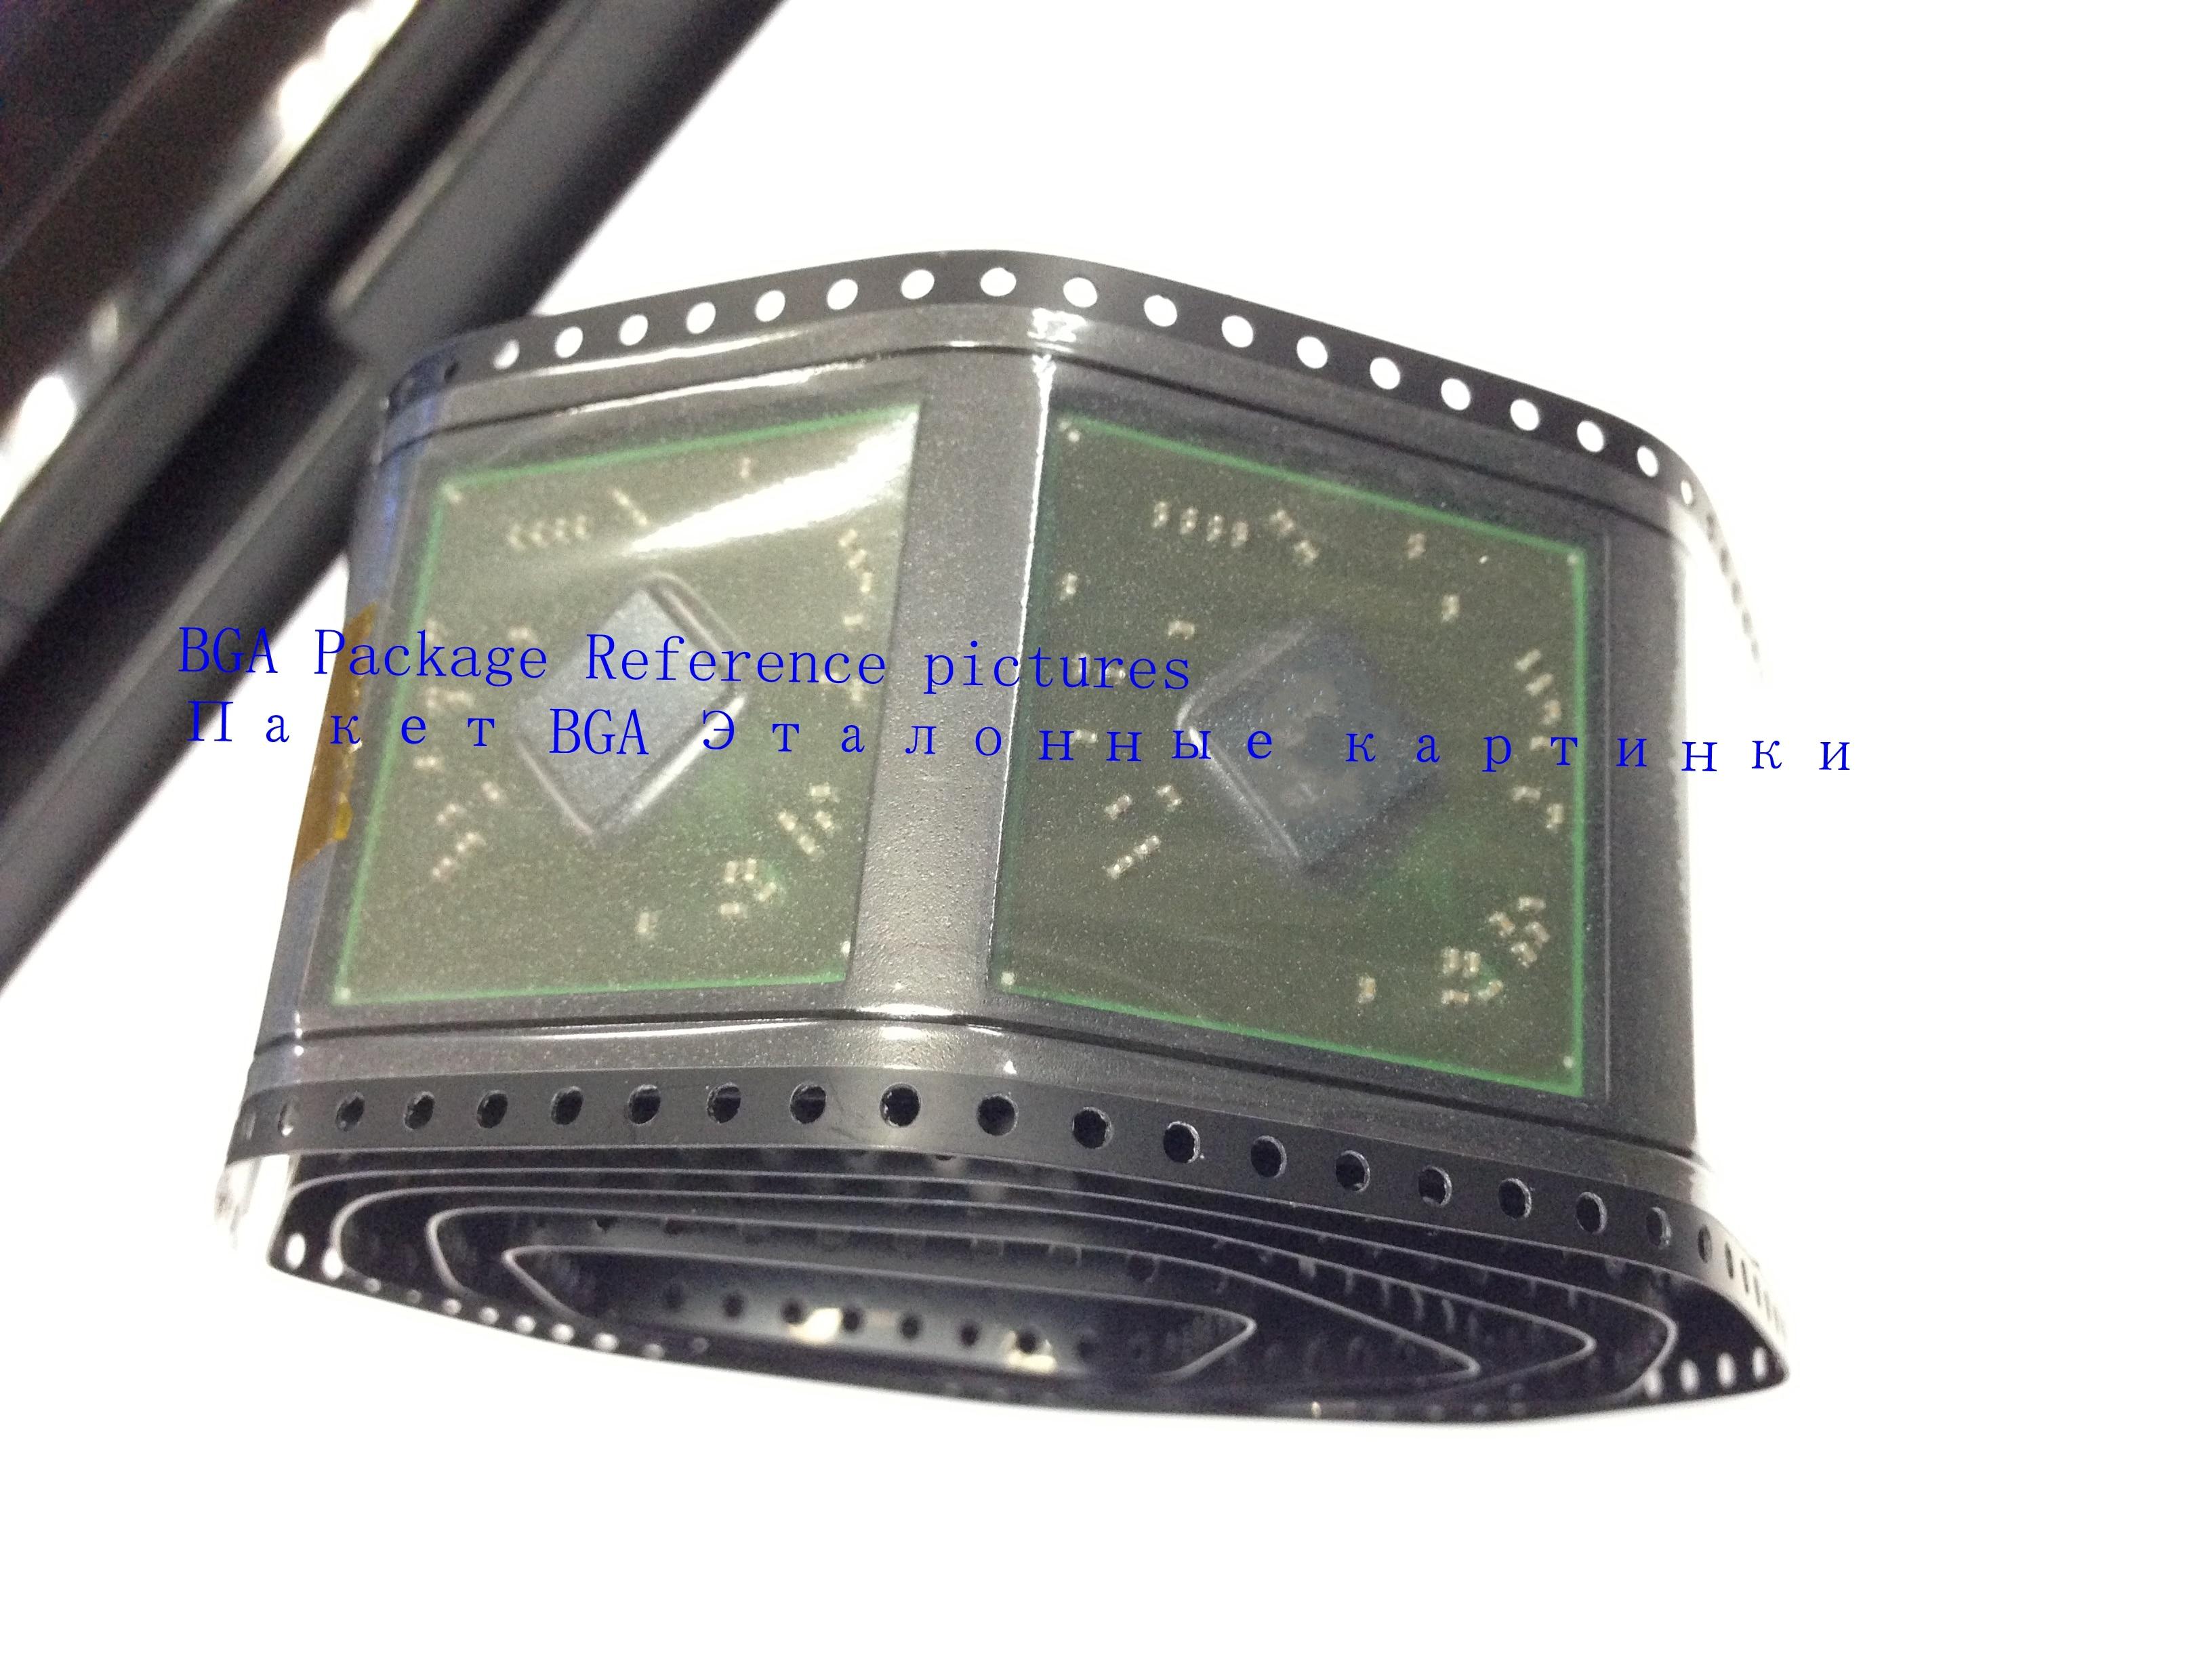 1 adet/grup DC: 2012 + 100% Yeni N11M-GE2-S-B1 N11M GE2 S B1 BGA Yonga Seti1 adet/grup DC: 2012 + 100% Yeni N11M-GE2-S-B1 N11M GE2 S B1 BGA Yonga Seti